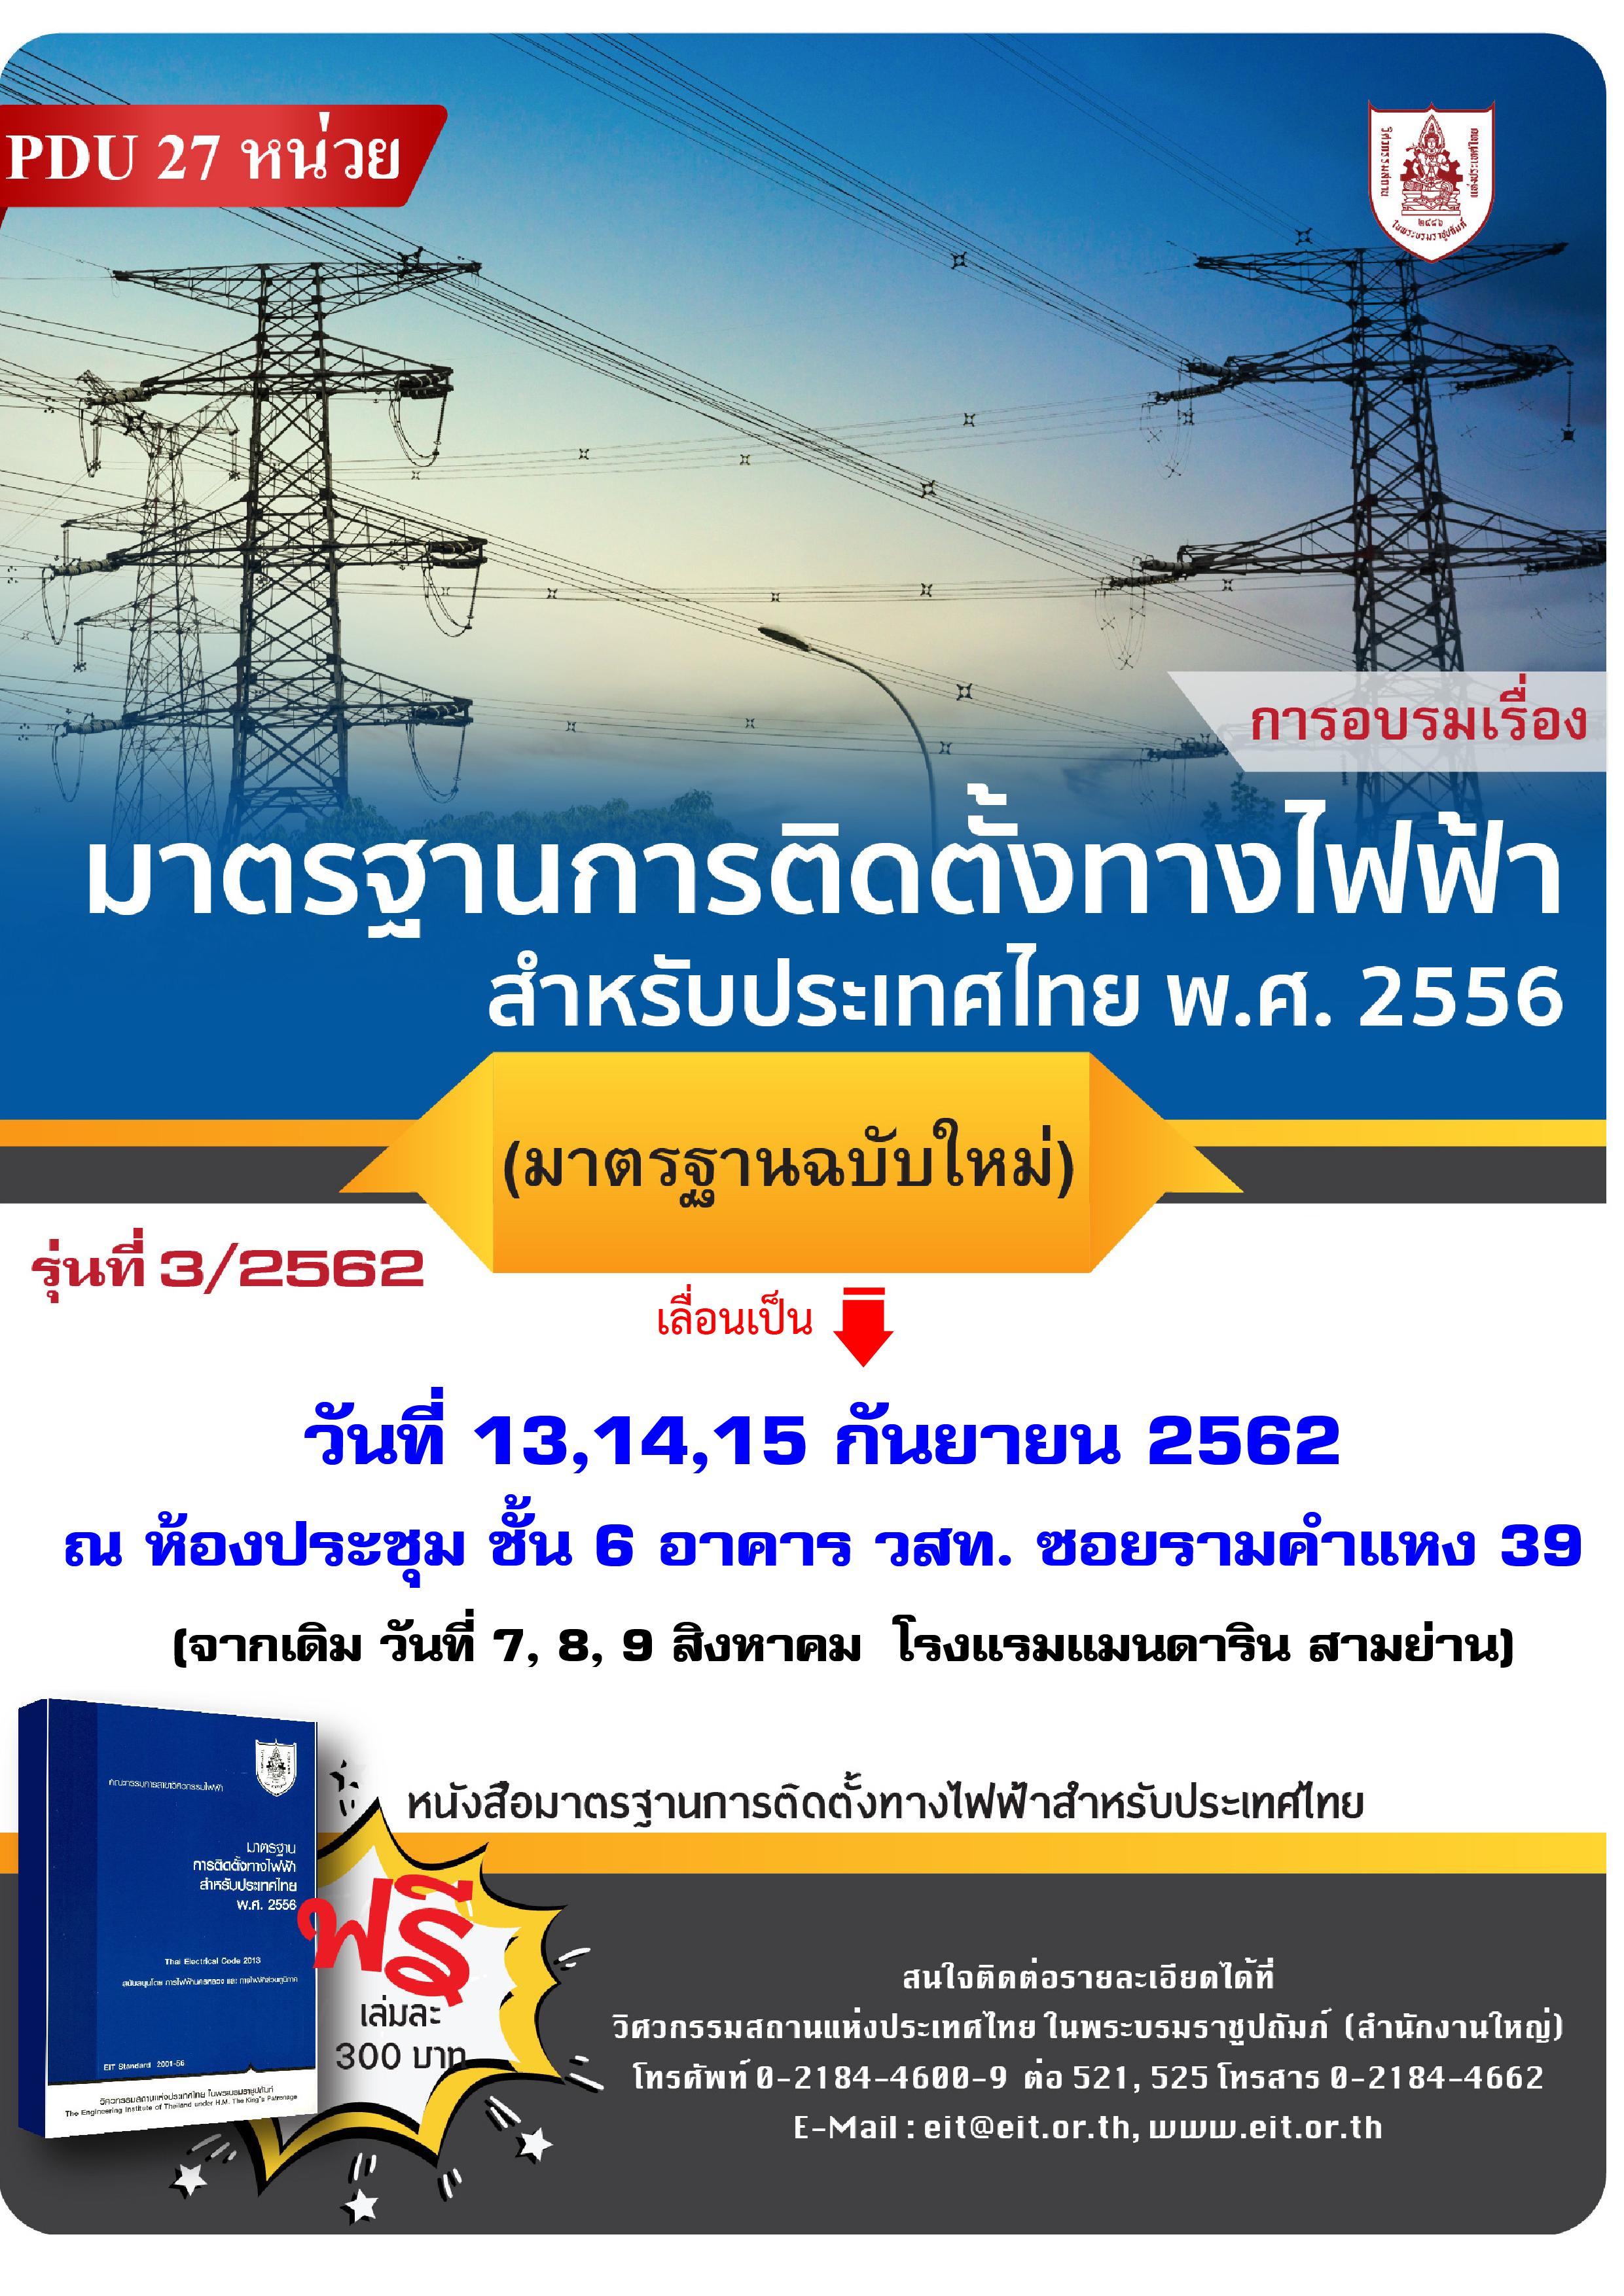 การอบรมเรื่อง  มาตรฐานการติดตั้งทางไฟฟ้าสำหรับประเทศไทย พ.ศ. 2556  (มาตรฐานฉบับใหม่) รุ่นที่ 3/2562  ** วันที่ 13-15 กันยายน 2562 ที่ วสท. ชั้น 6  **(ปิดรับสมัคร))